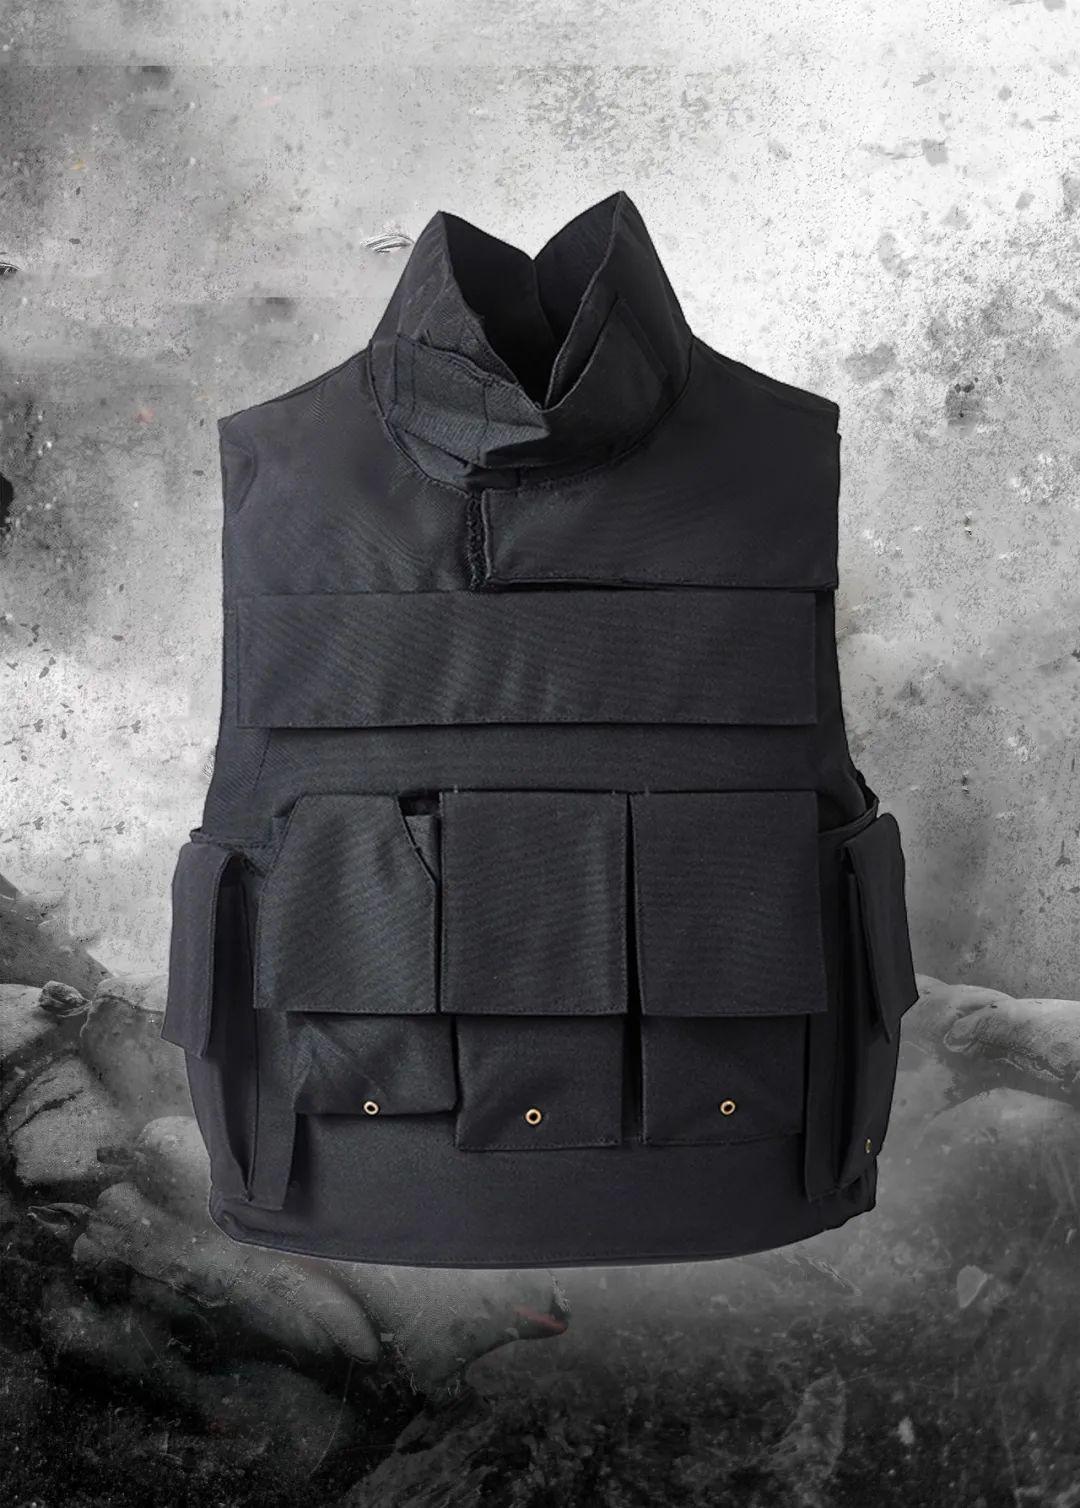 新品丨长城防护韩版有领款防弹衣(组图)